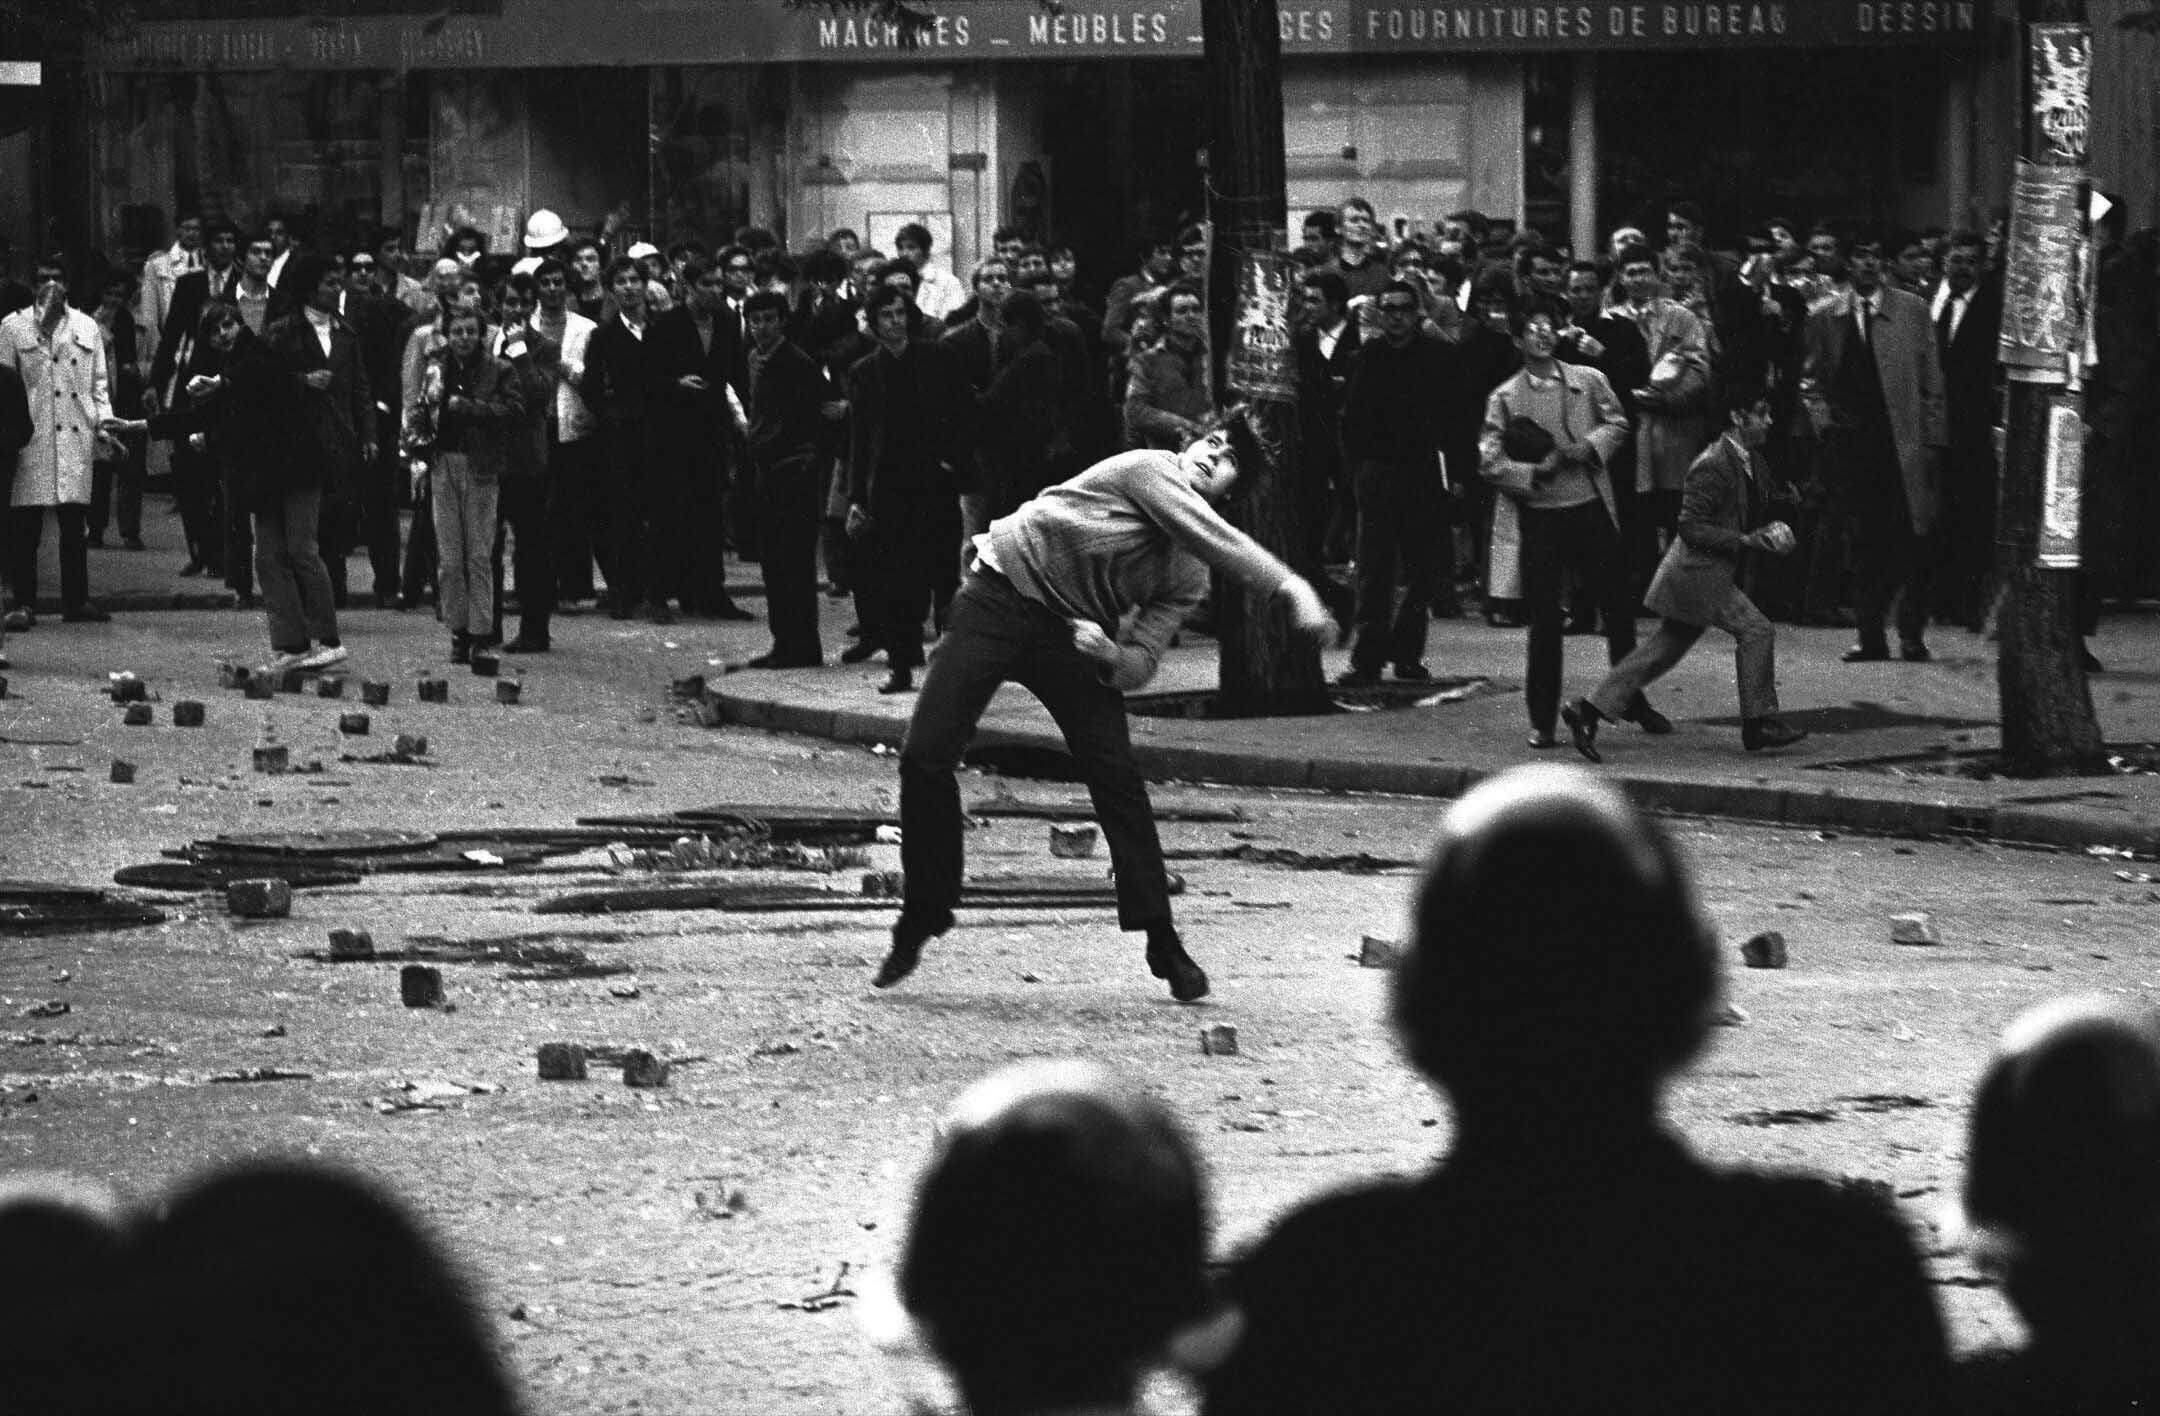 5月,法國「五月風暴」期間,一名學生向警察投擲石頭。 攝:Keystone-France/Gamma-Keystone via Getty Images